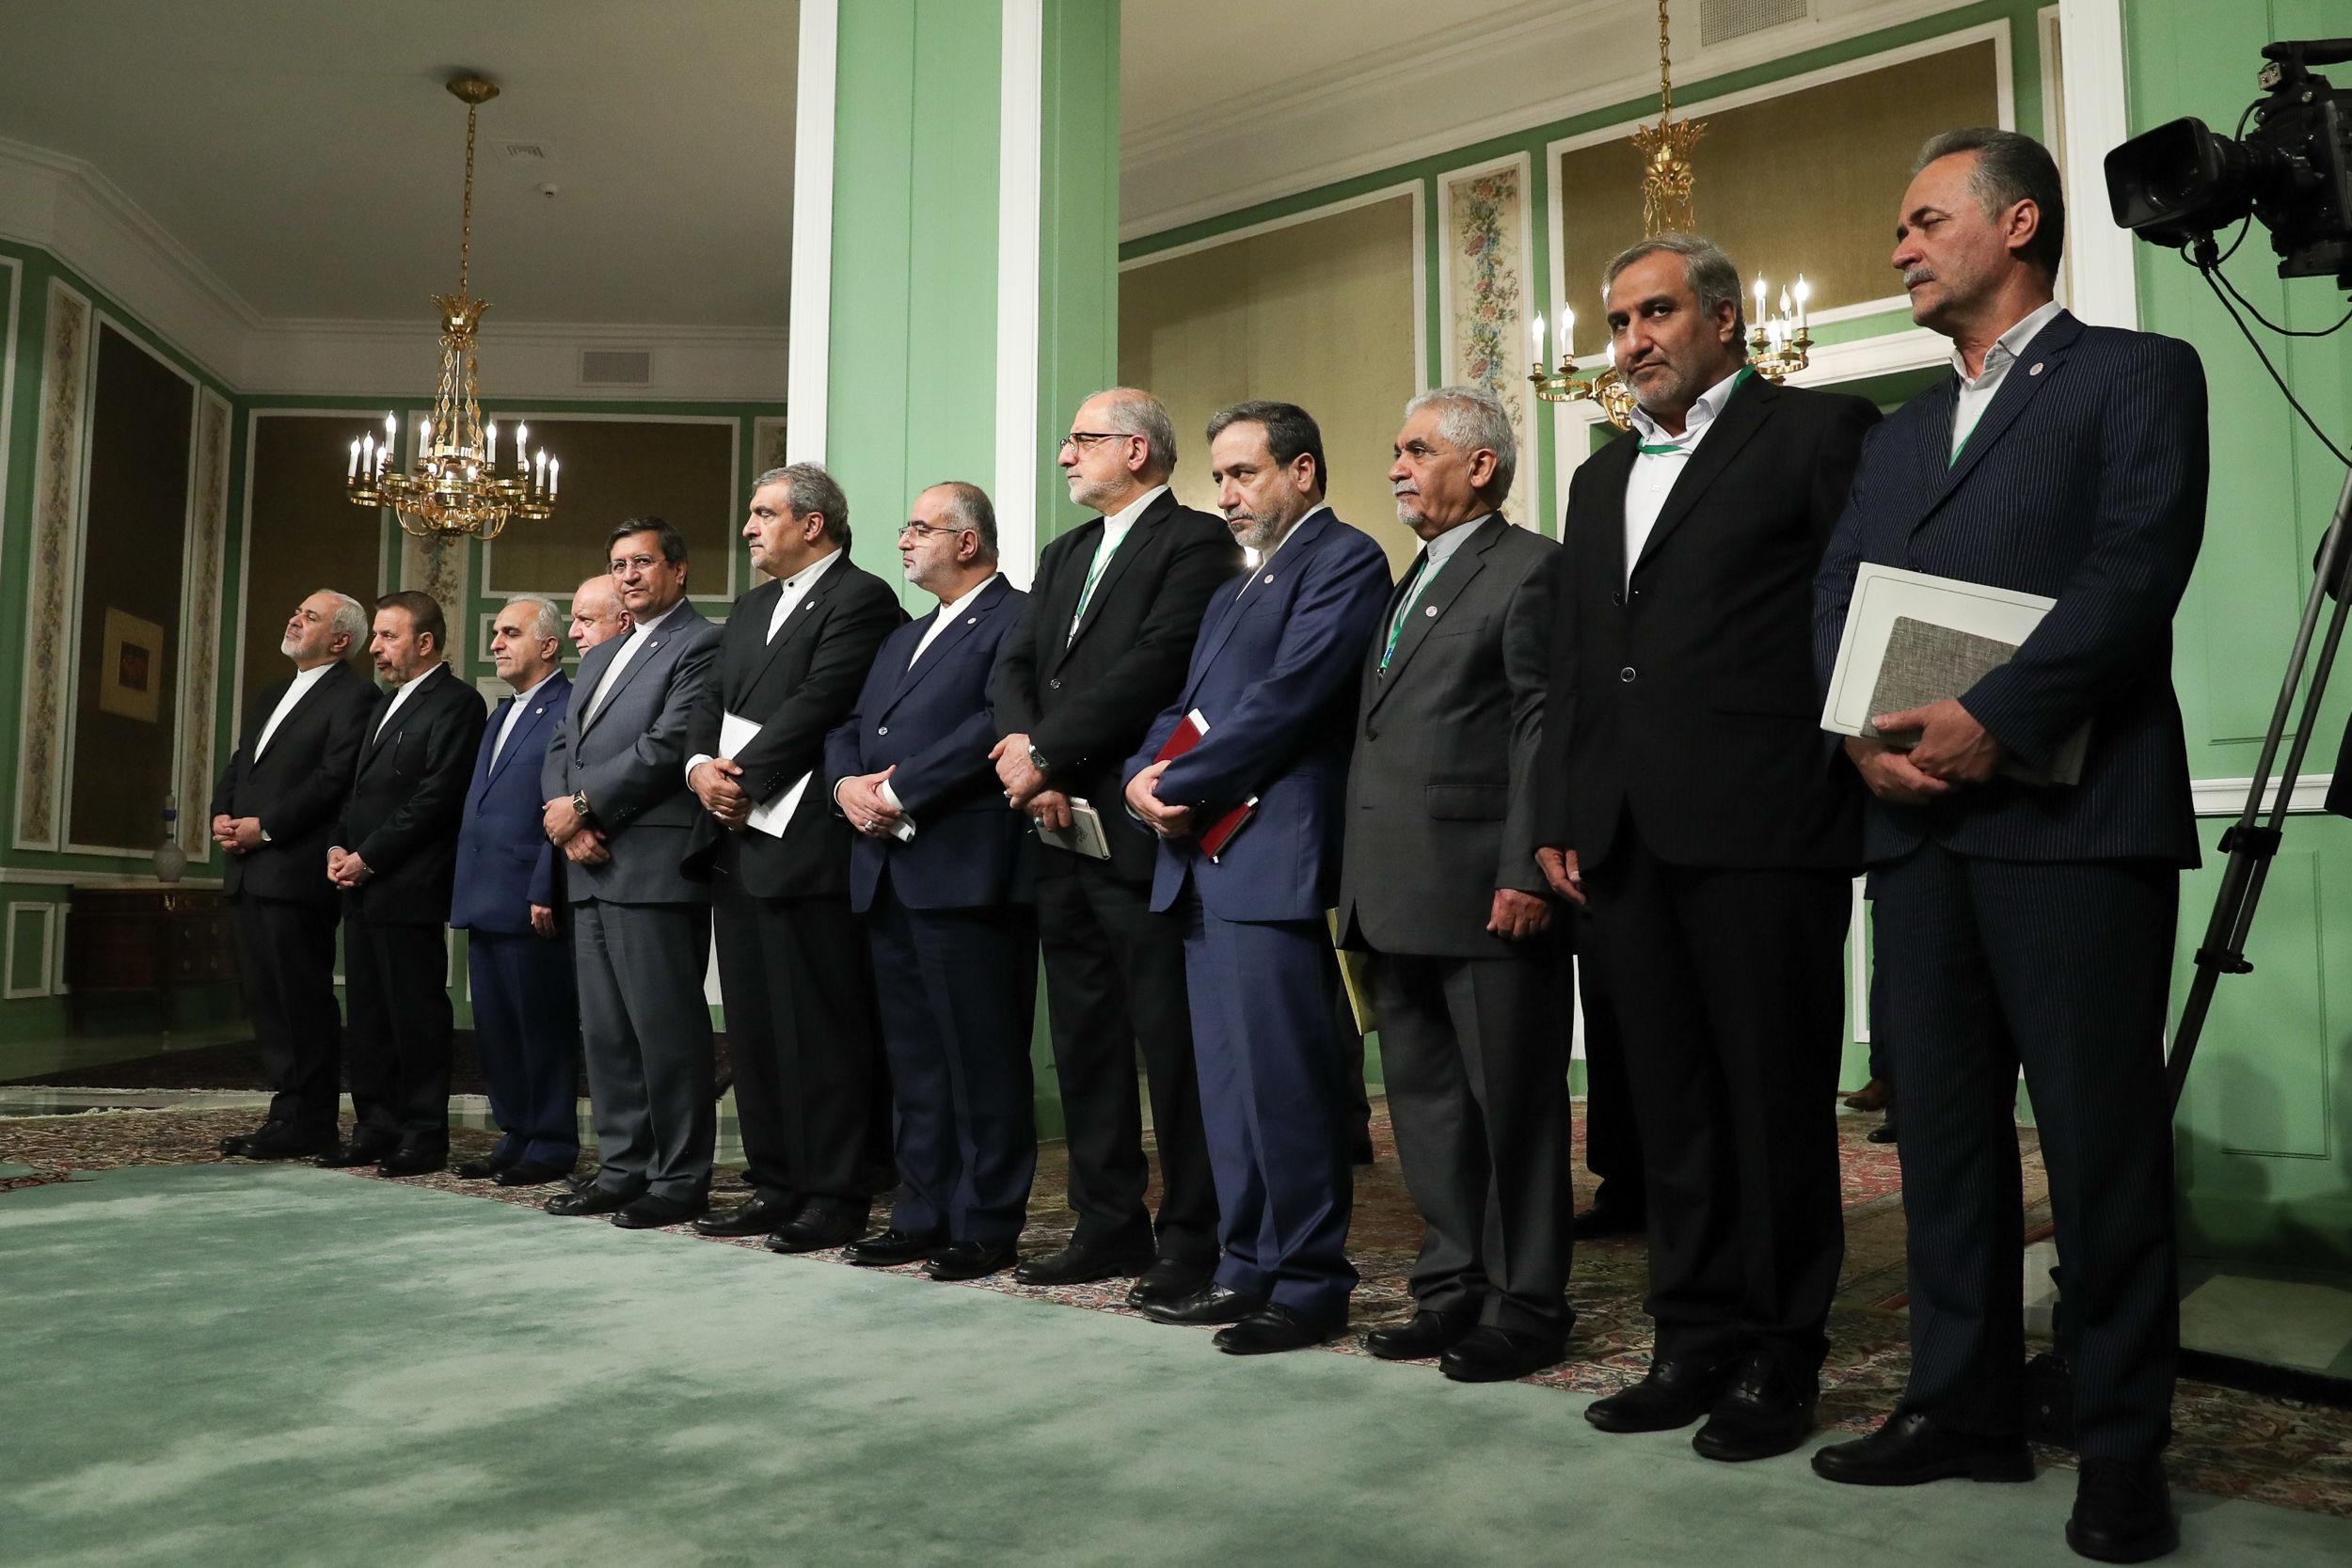 گزارش تصویری/ کنفرانس مطبوعاتی مشترک با نخستوزیر ژاپن